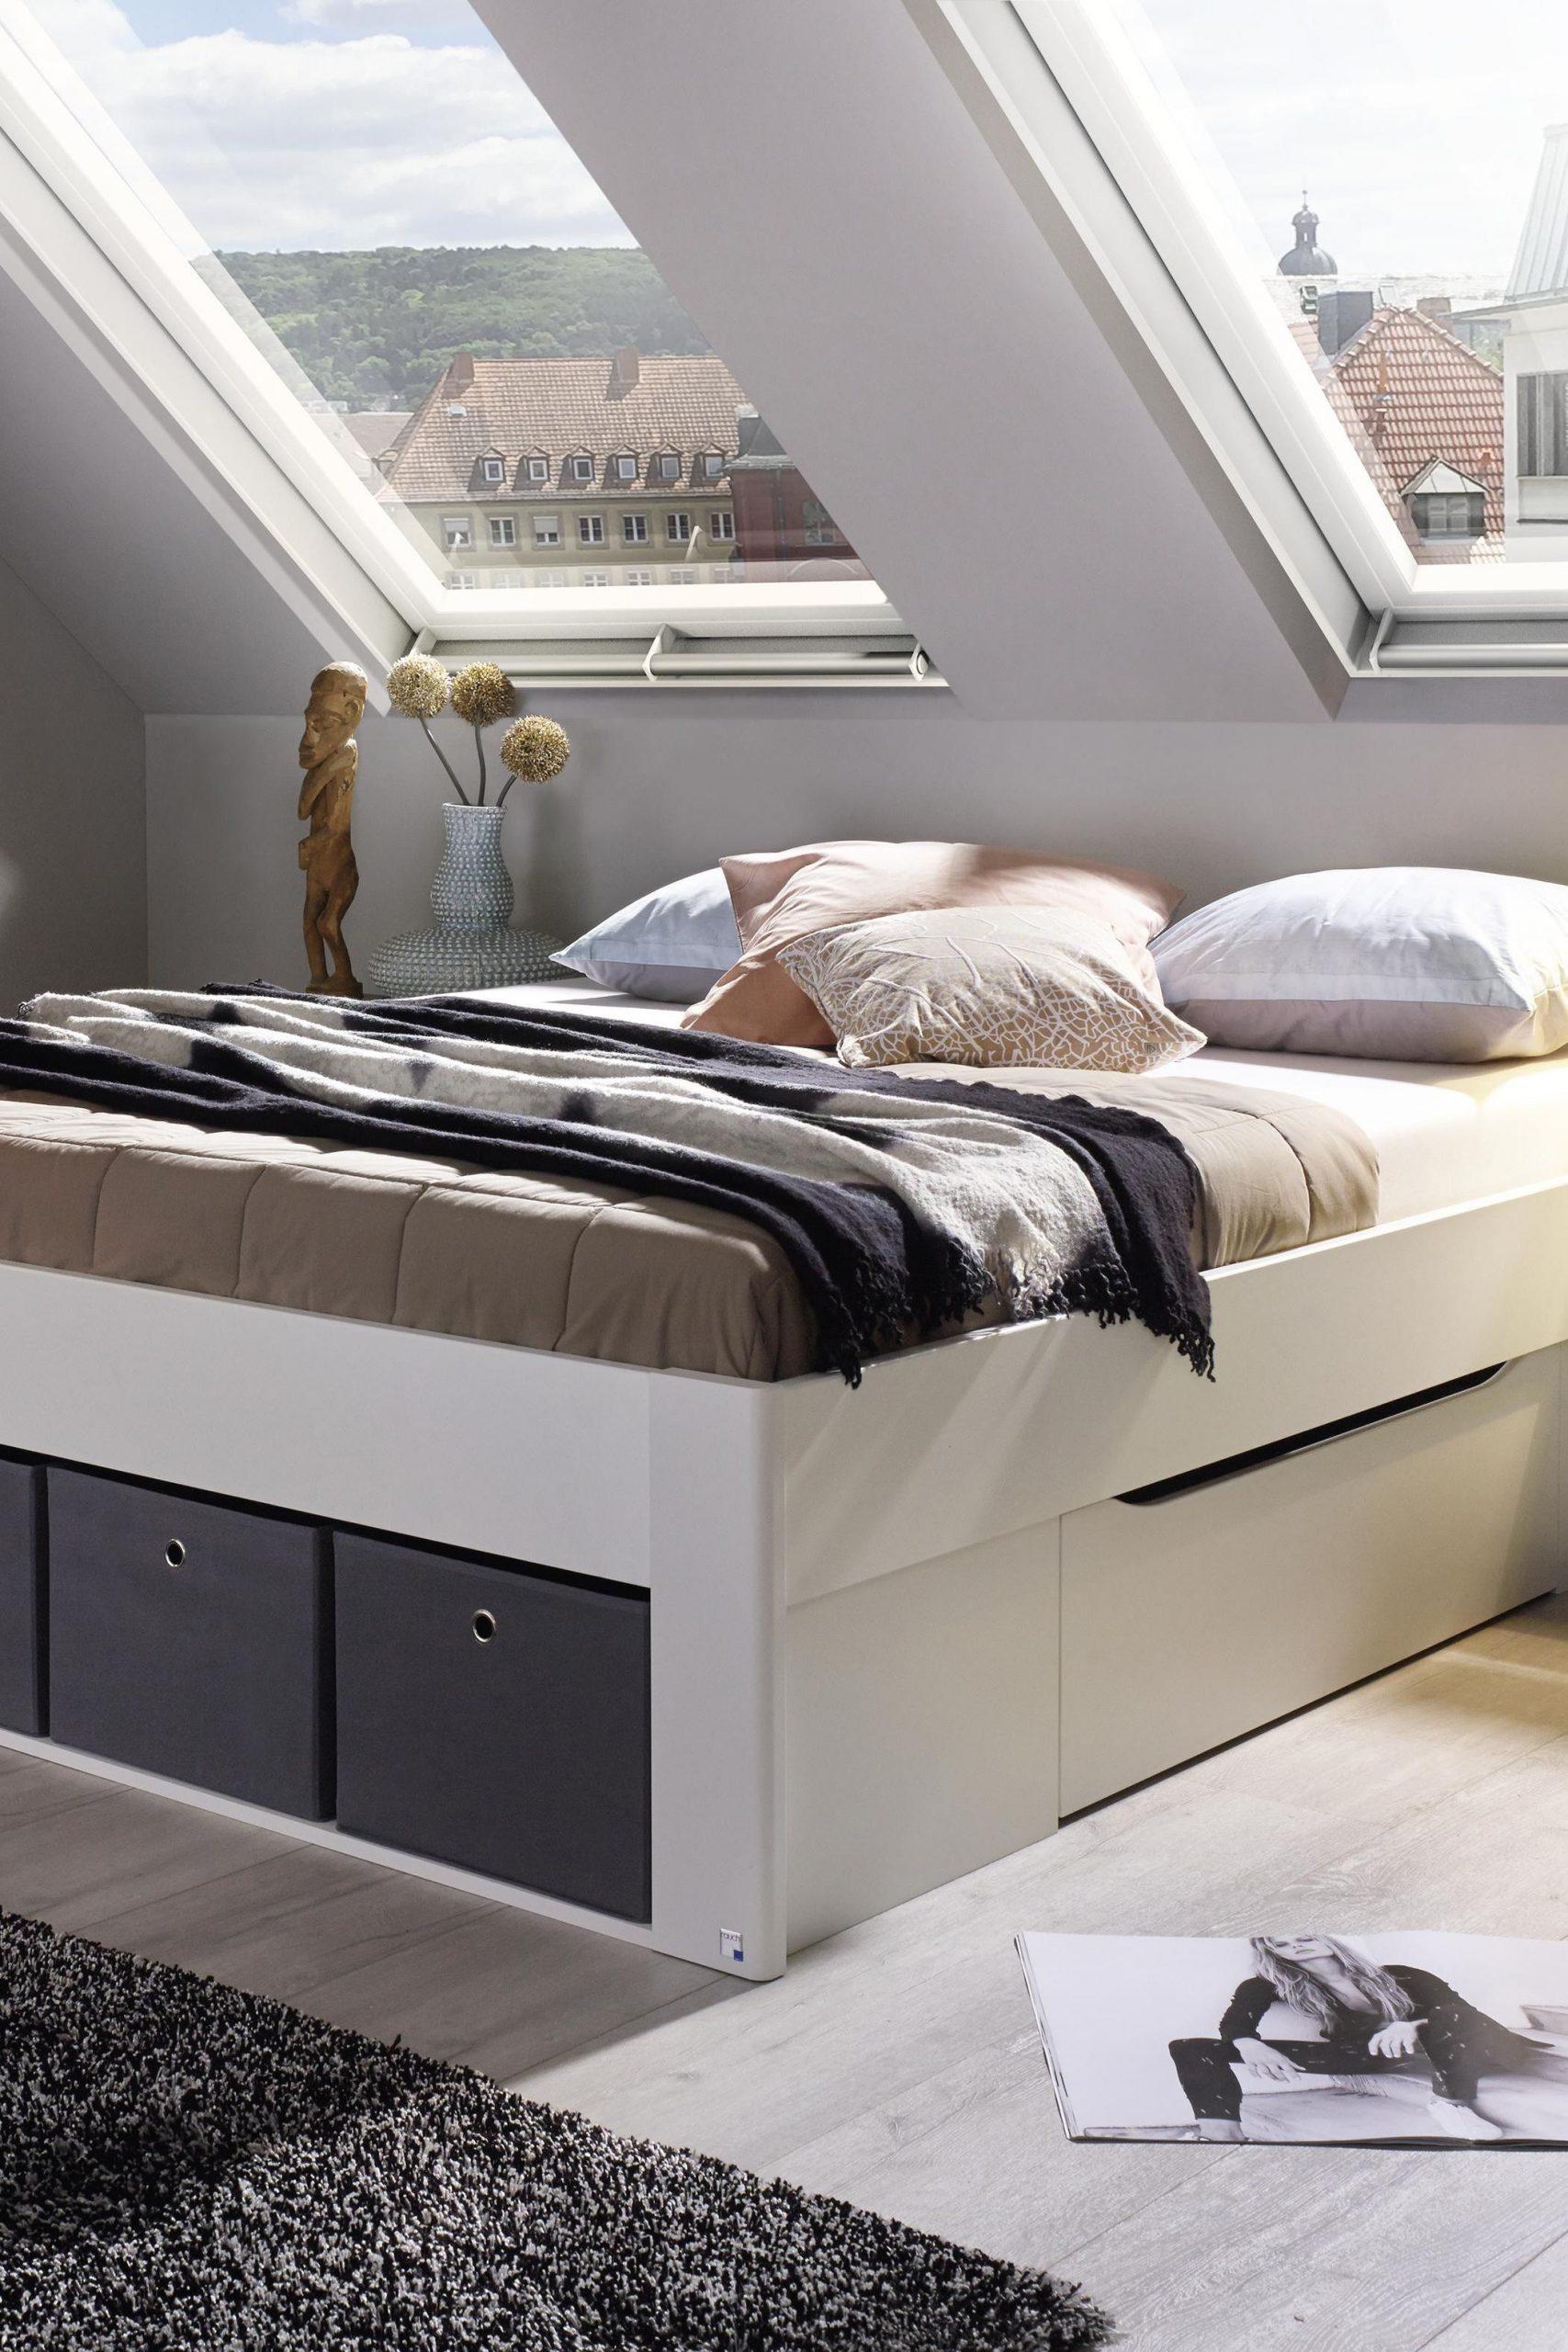 Full Size of Stauraumbett 120x200 Stauraumbetten Otto Stauraum Bett 100x200 Ikea Malm Weiß Mit Bettkasten Matratze Und Lattenrost Betten Wohnzimmer Stauraumbett 120x200